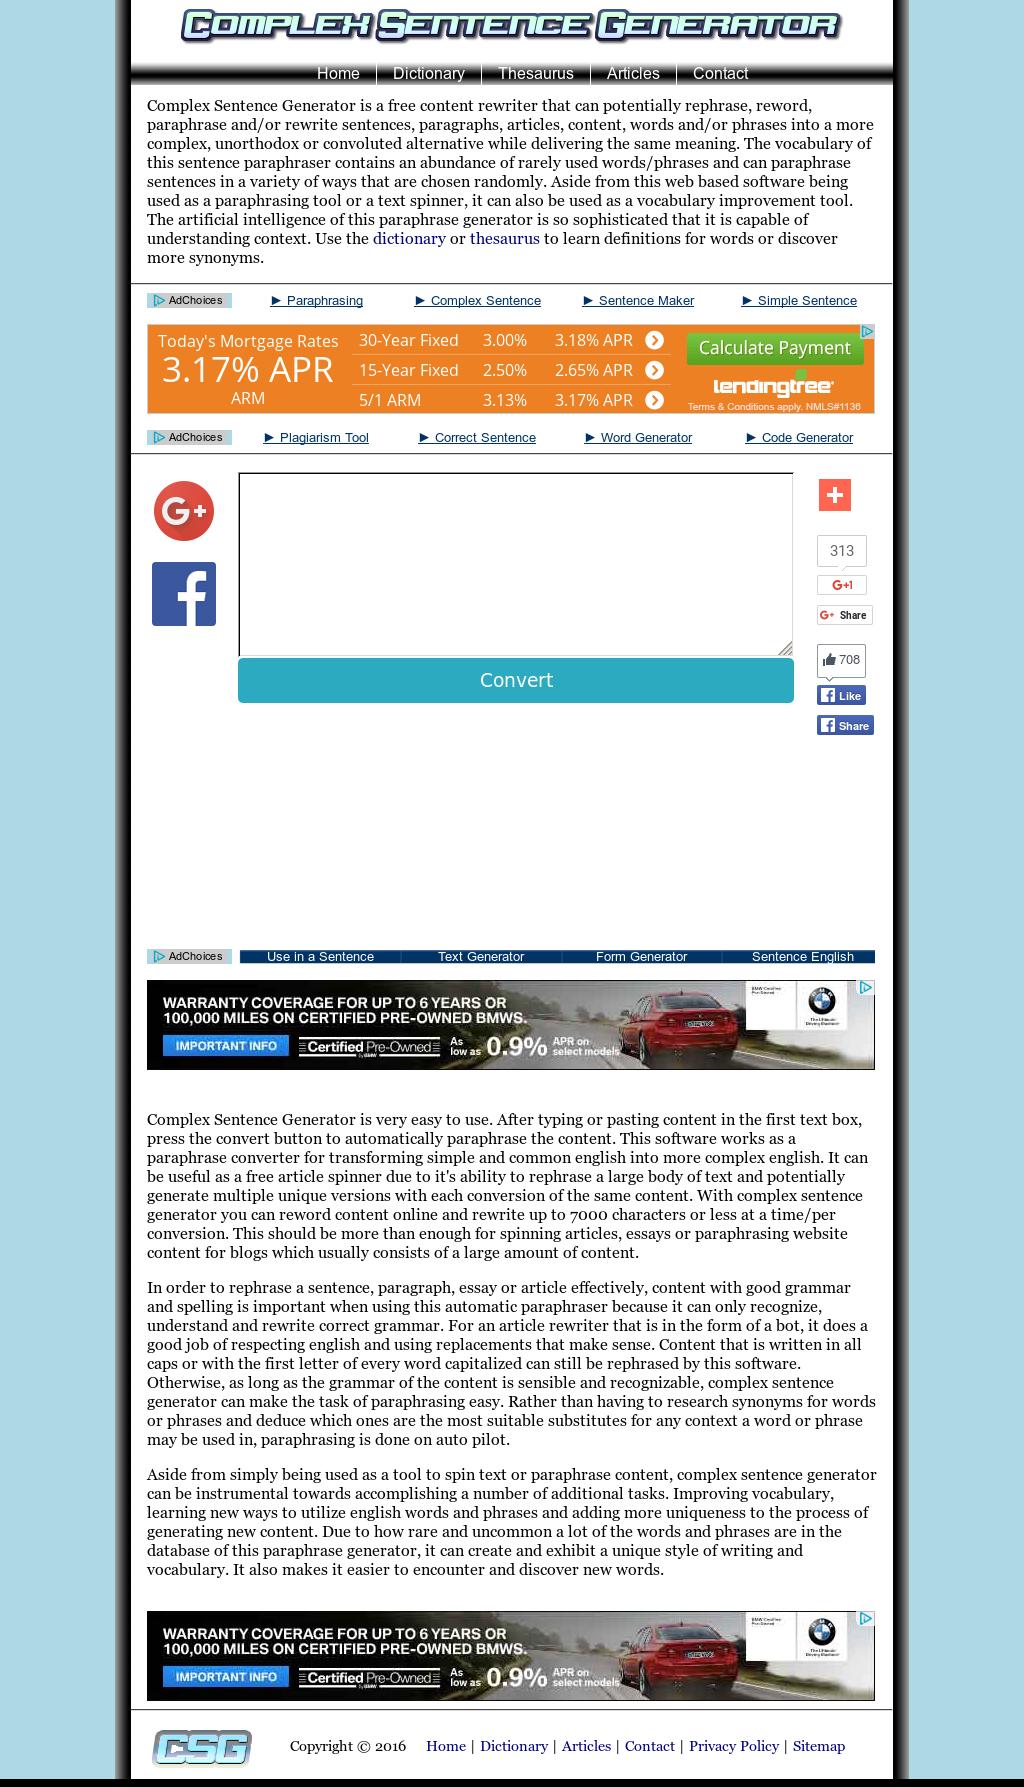 Complex Sentence Generator Competitors, Revenue and